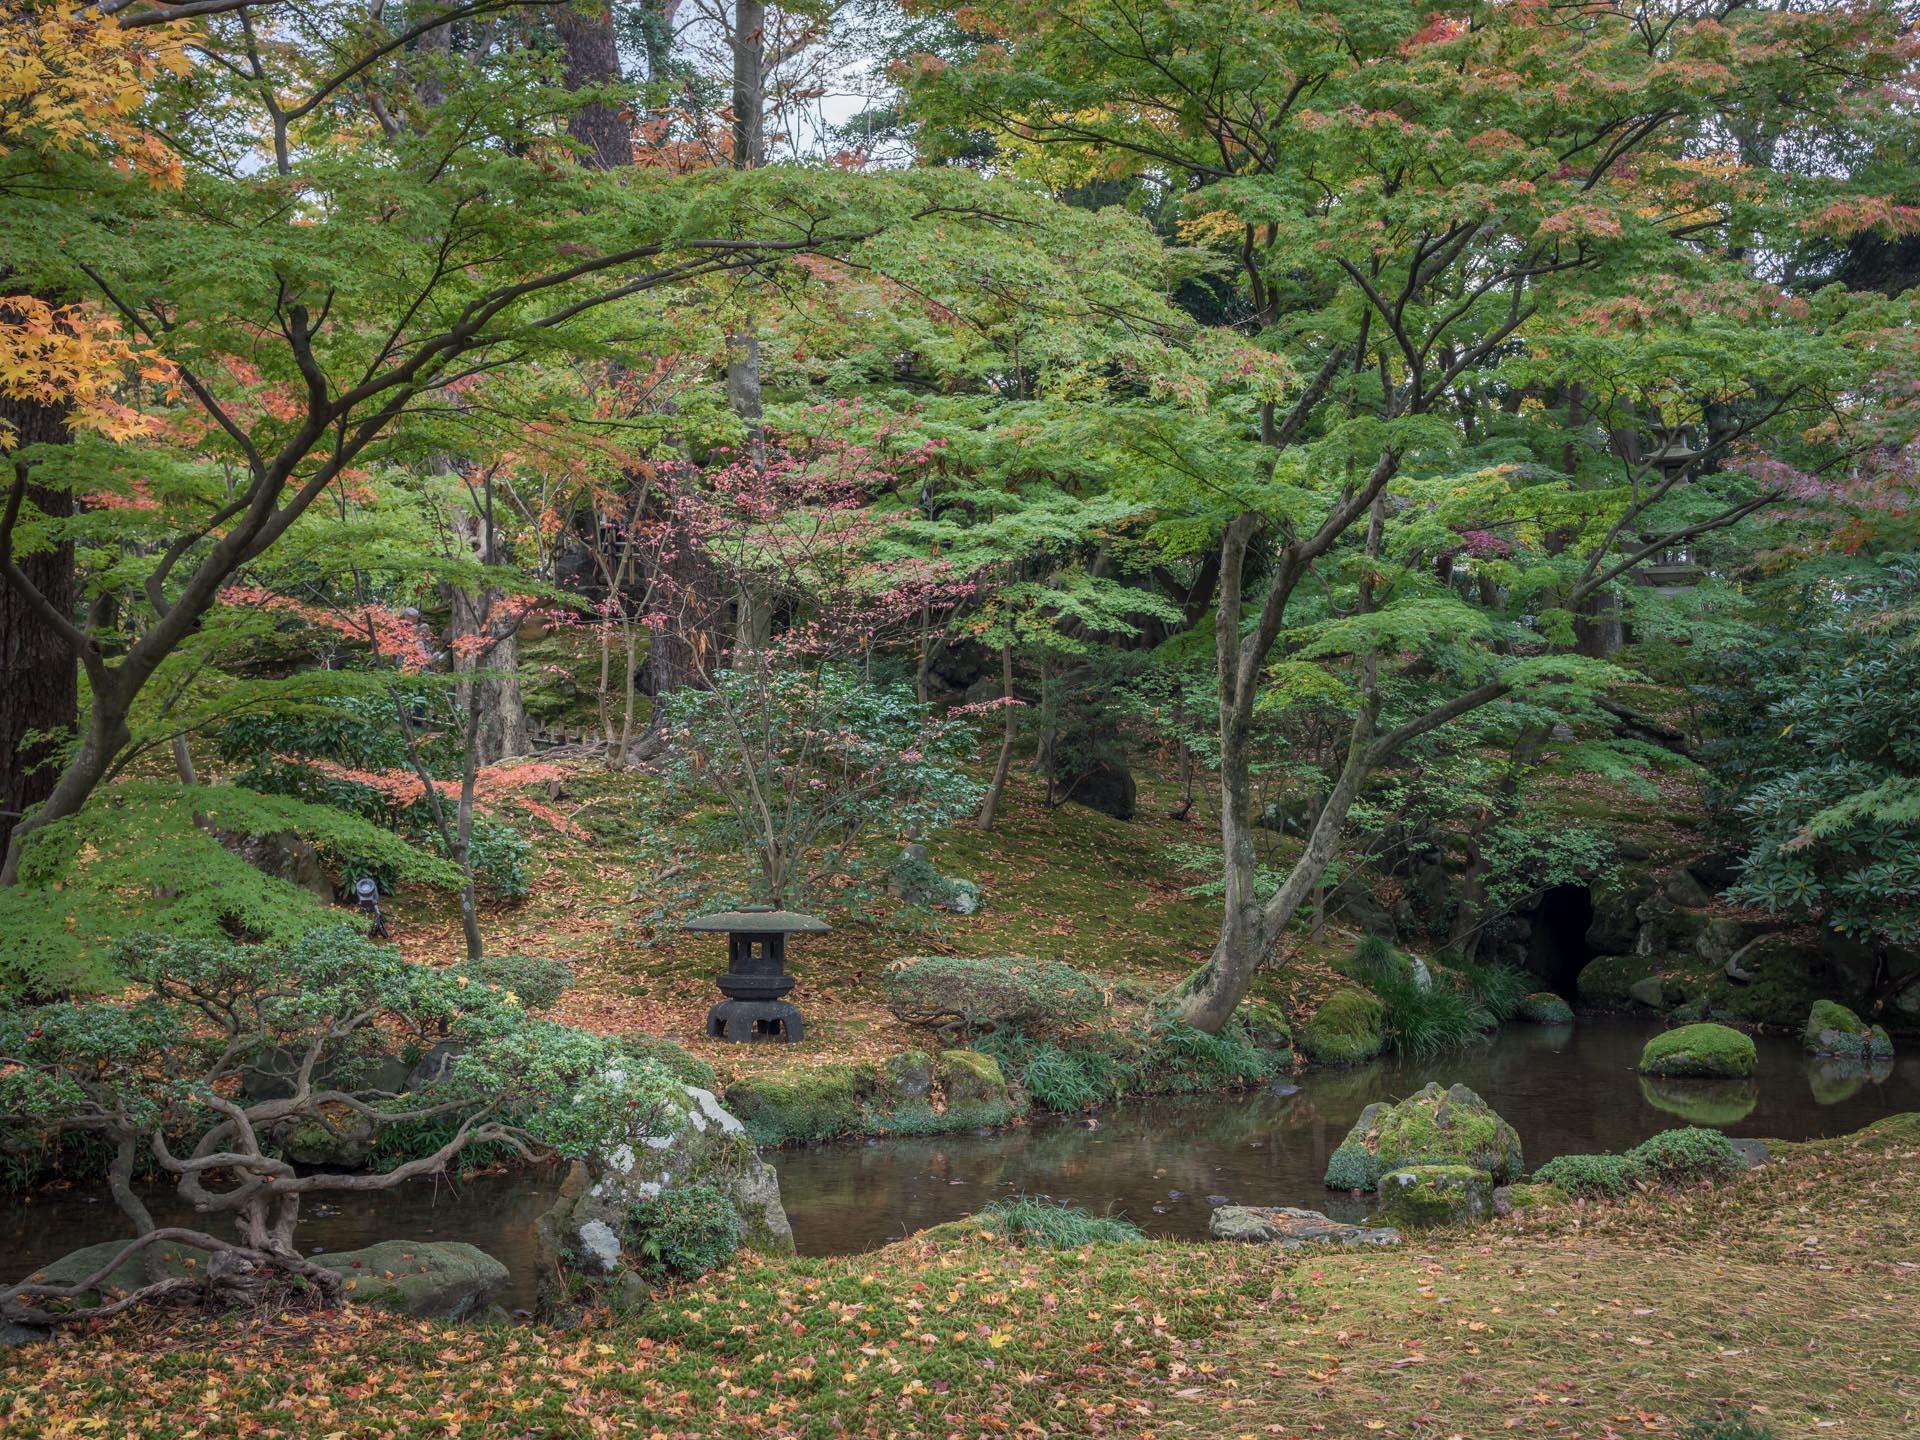 2013-11-10-21-29-20-DSC04482-HDR-6.jpg